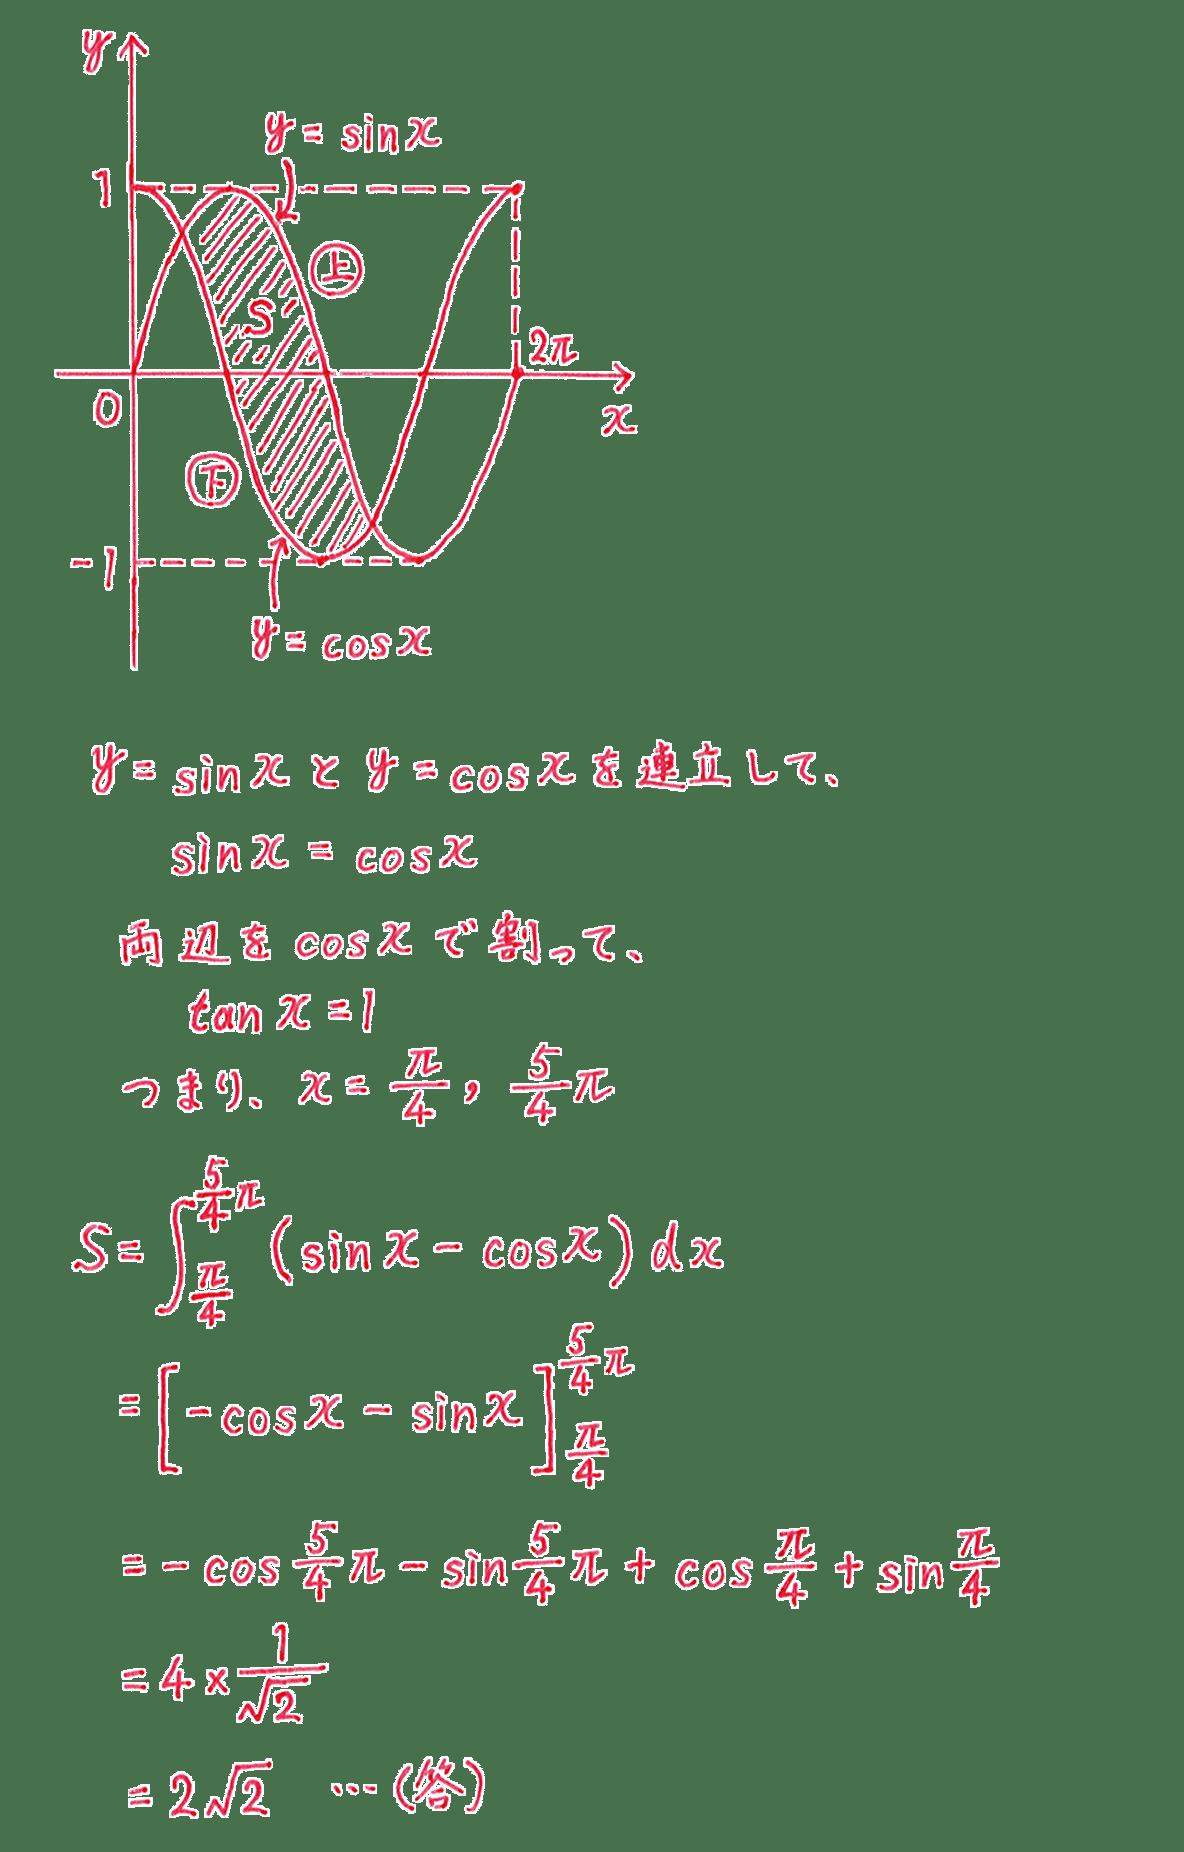 積分法とその応用36 問題 答え すべて